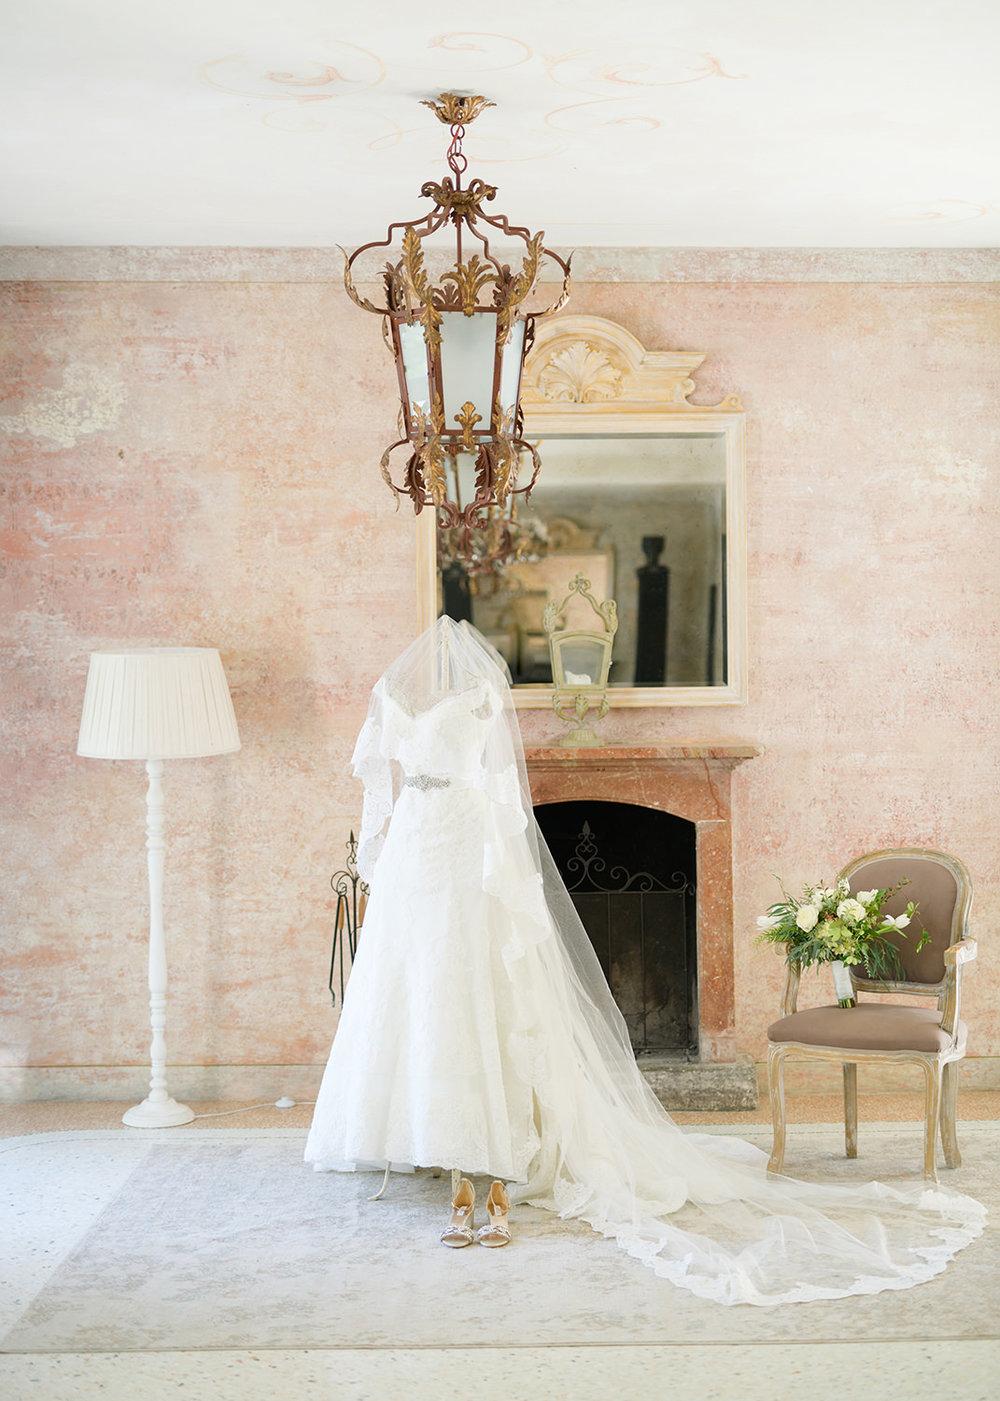 villa-regina-teodolinda-wedding-photographer-C&B-©bottega53-7.JPG